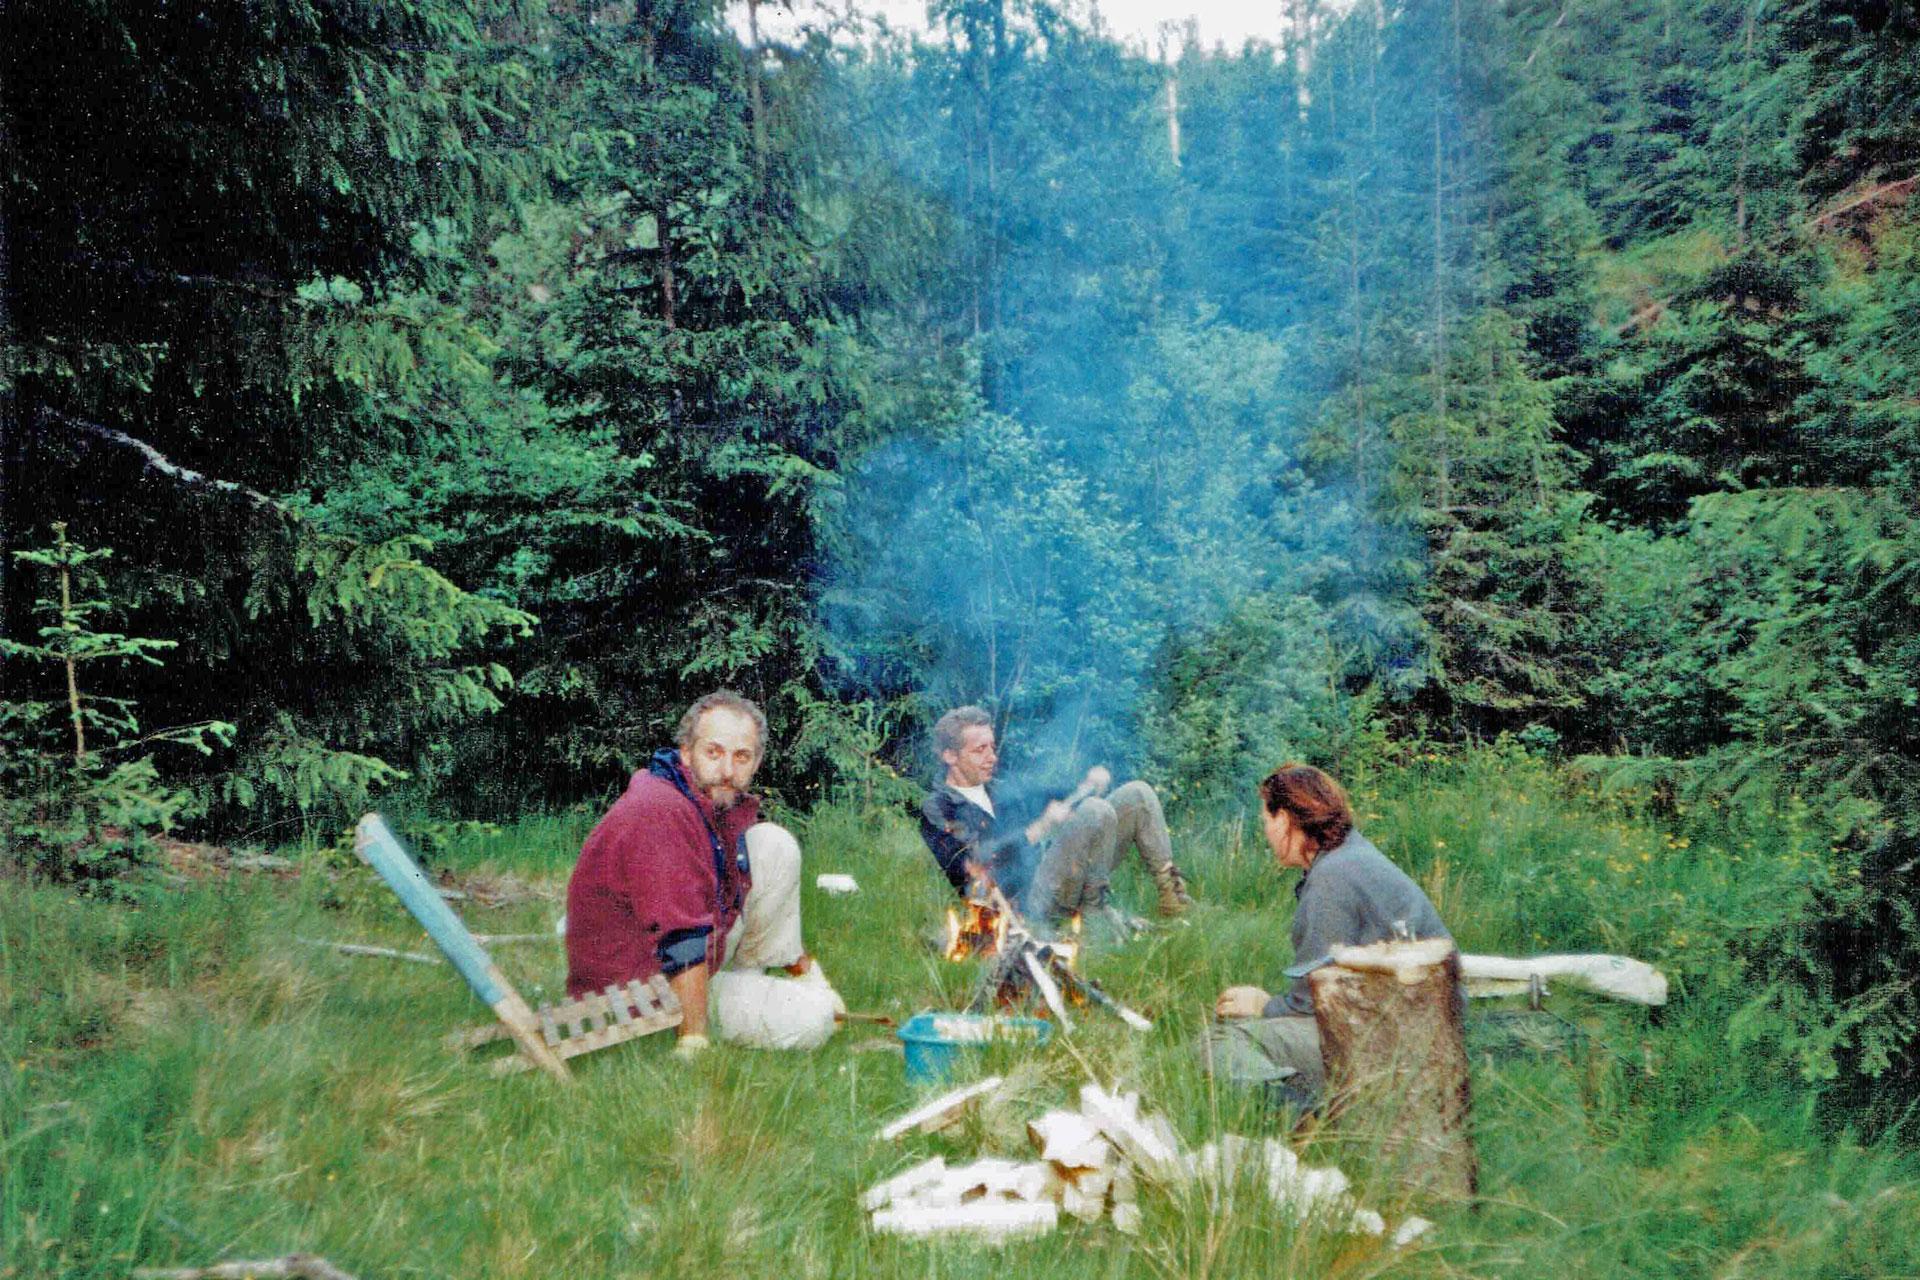 mikroabenteuer outdoorleben